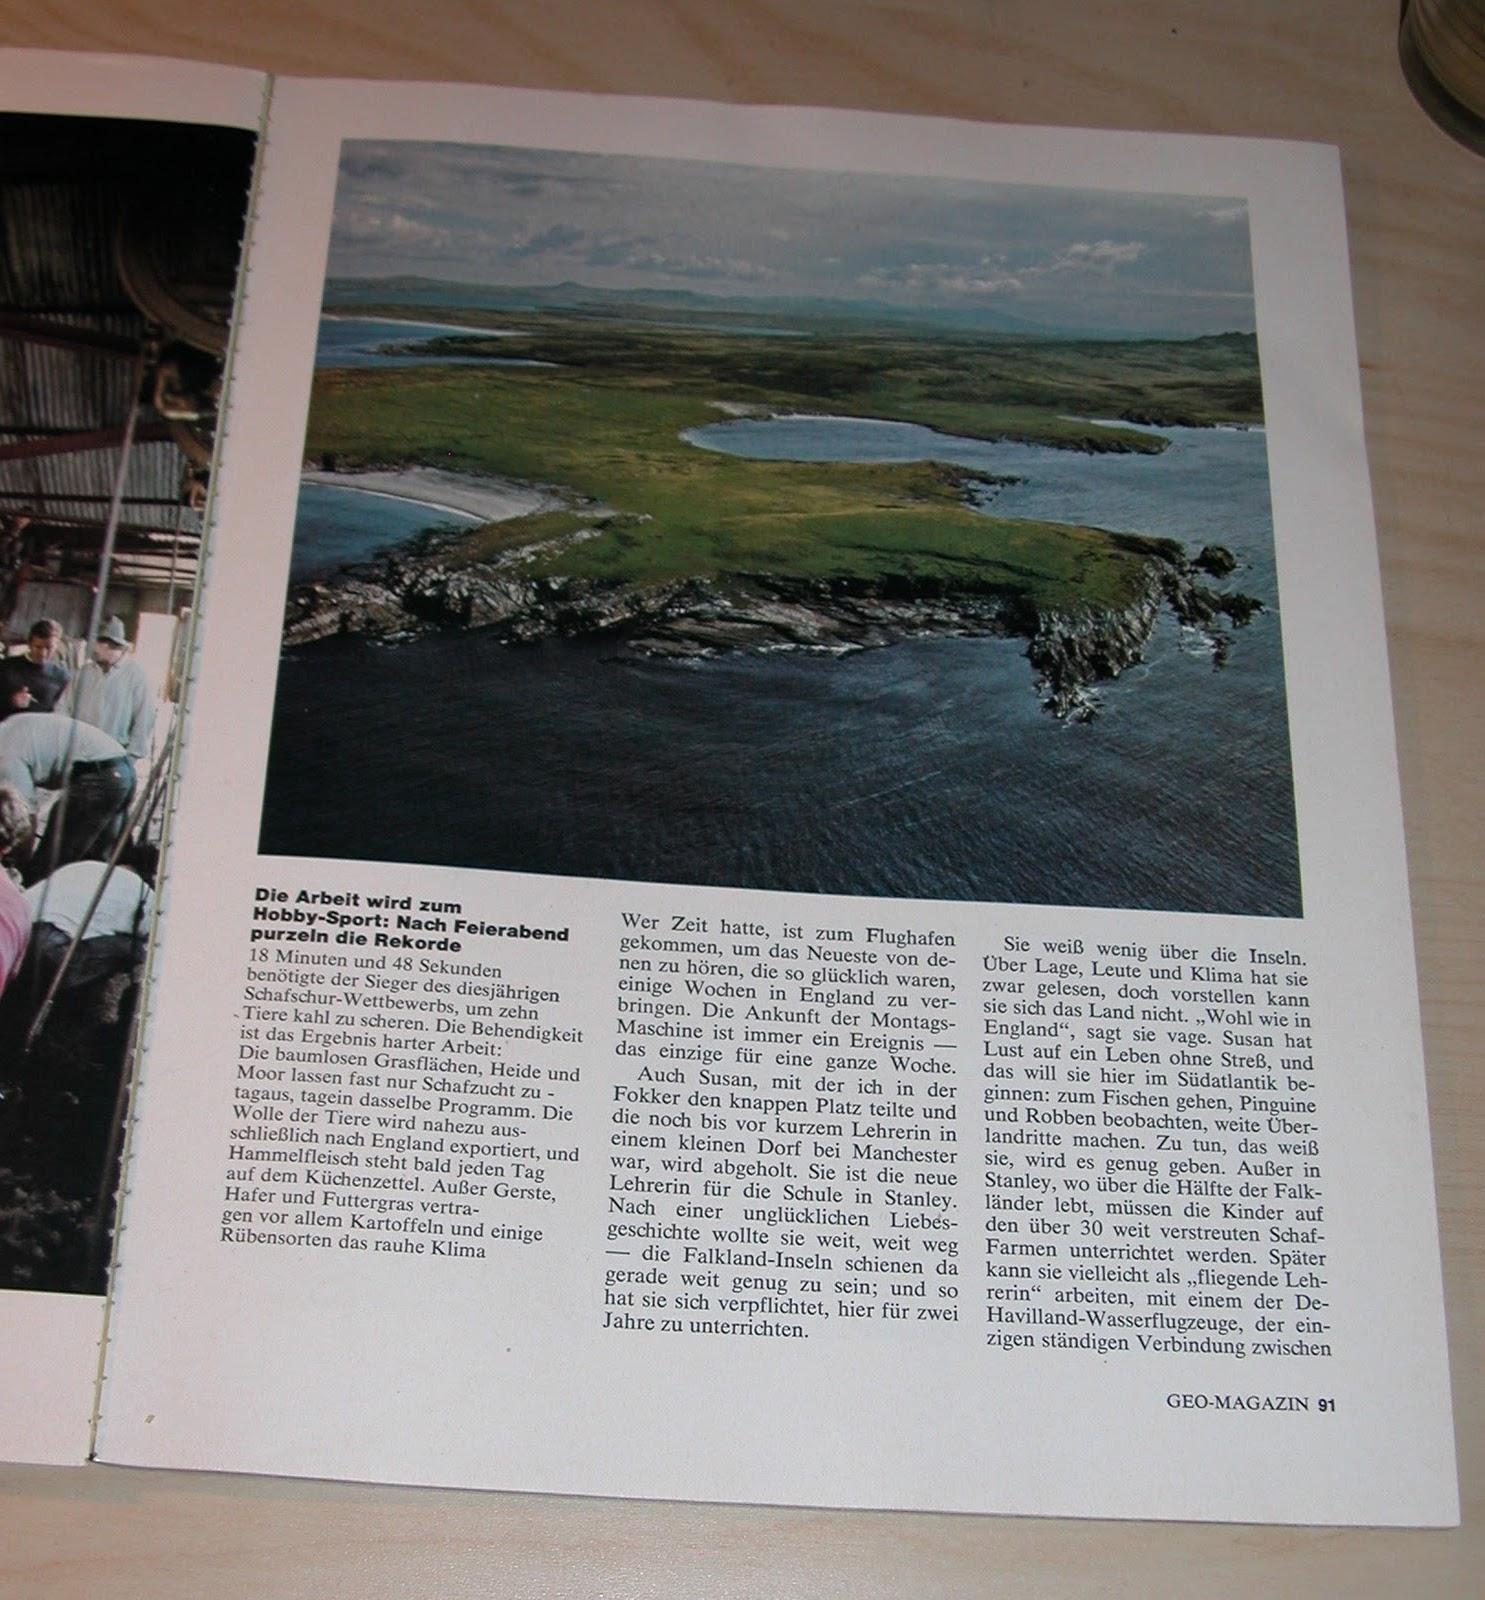 Die Falklandinseln in GEO Oktober 1977